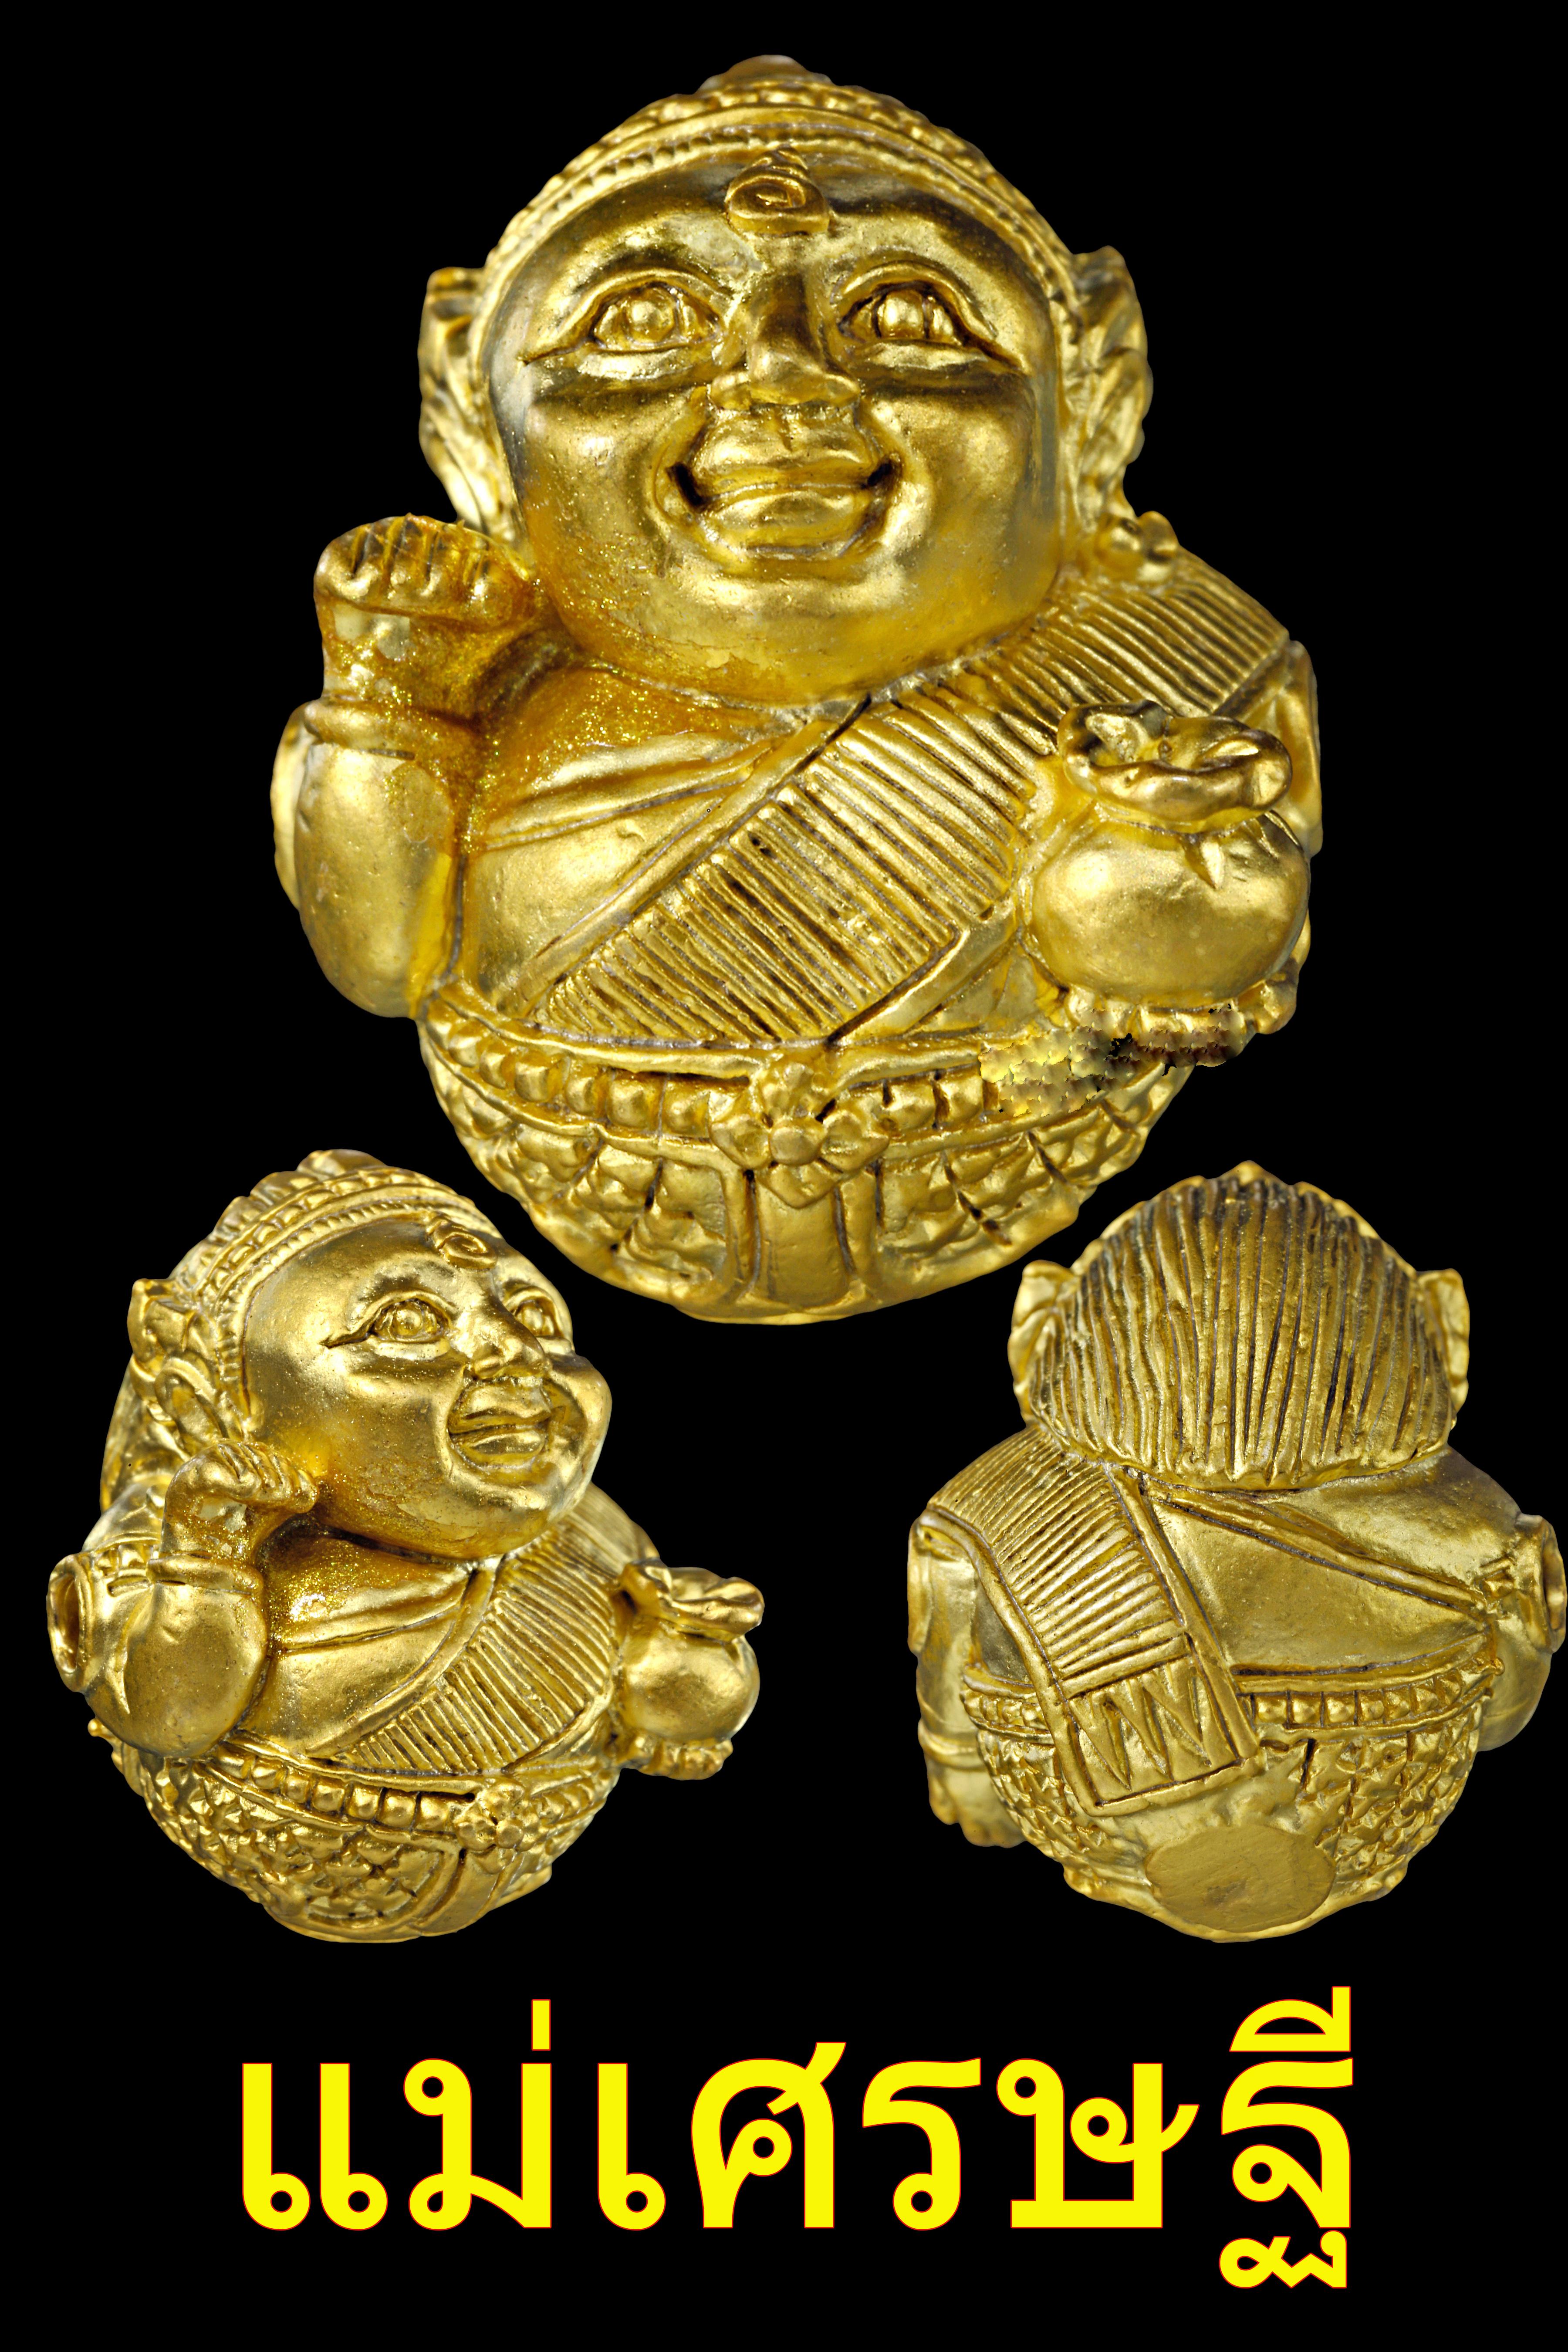 ลูกอมแม่เศรษฐี (นางกวัก) รุ่นกวักแสนล้าน เนื้อสำริดชุบทอง หลวงตารวม วัดโคกสำราญ 2562 สูง 1.5 ซม